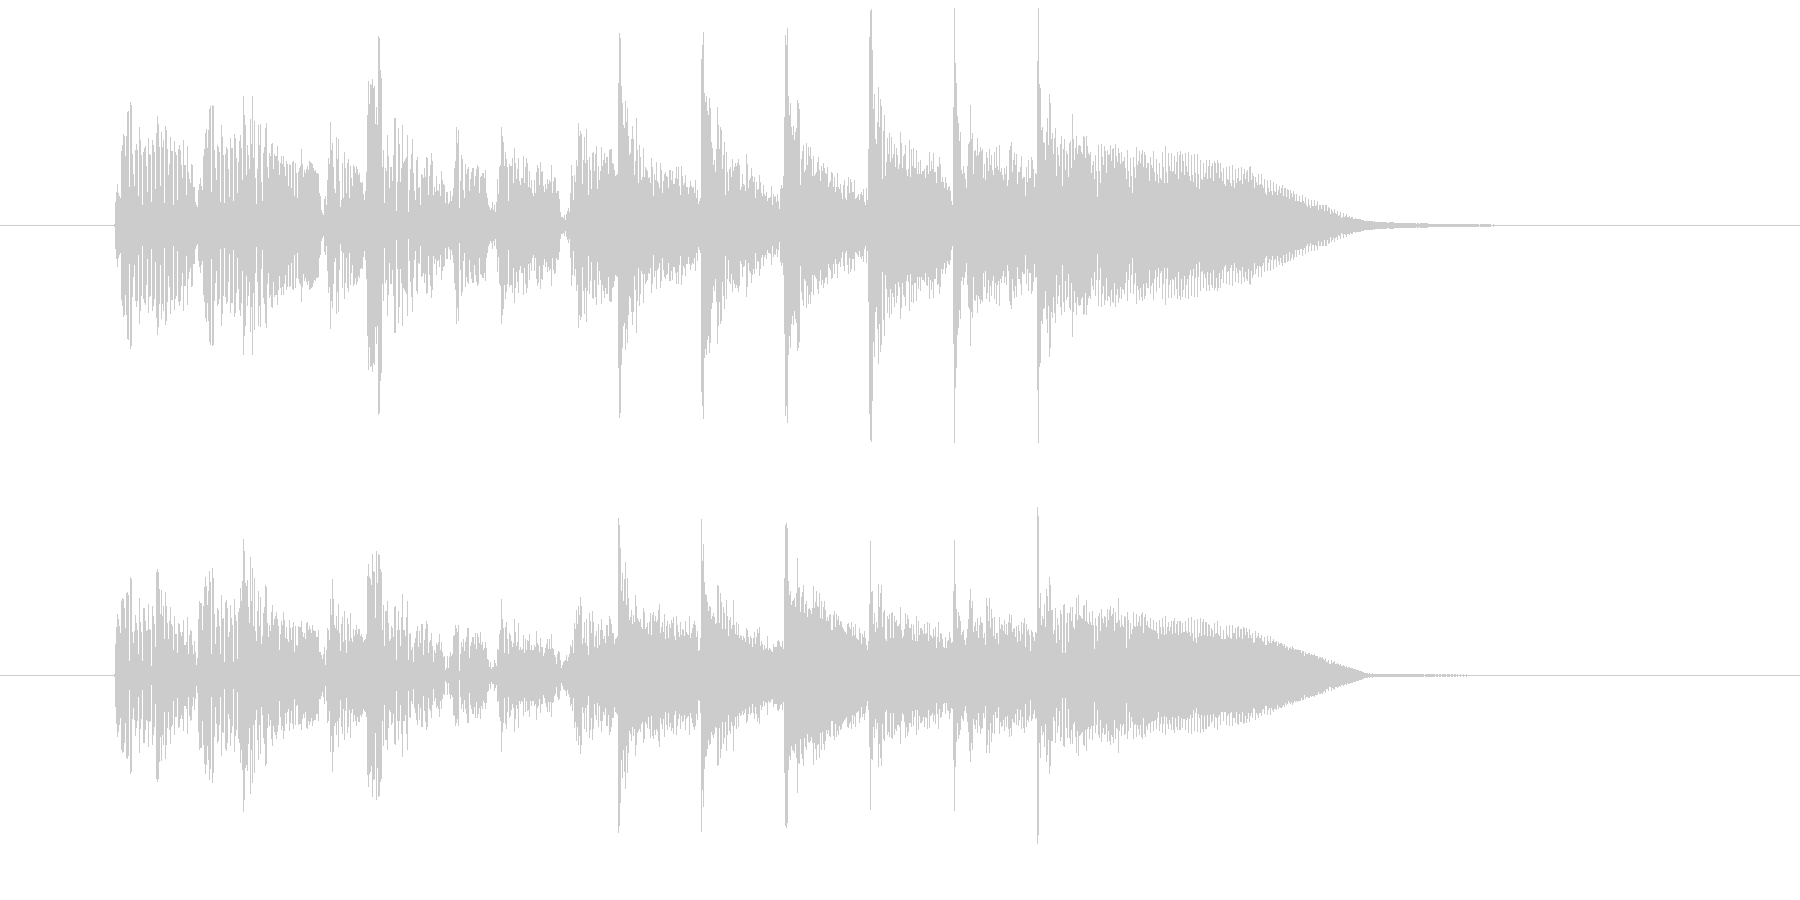 7秒のスローレゲエジングルの未再生の波形